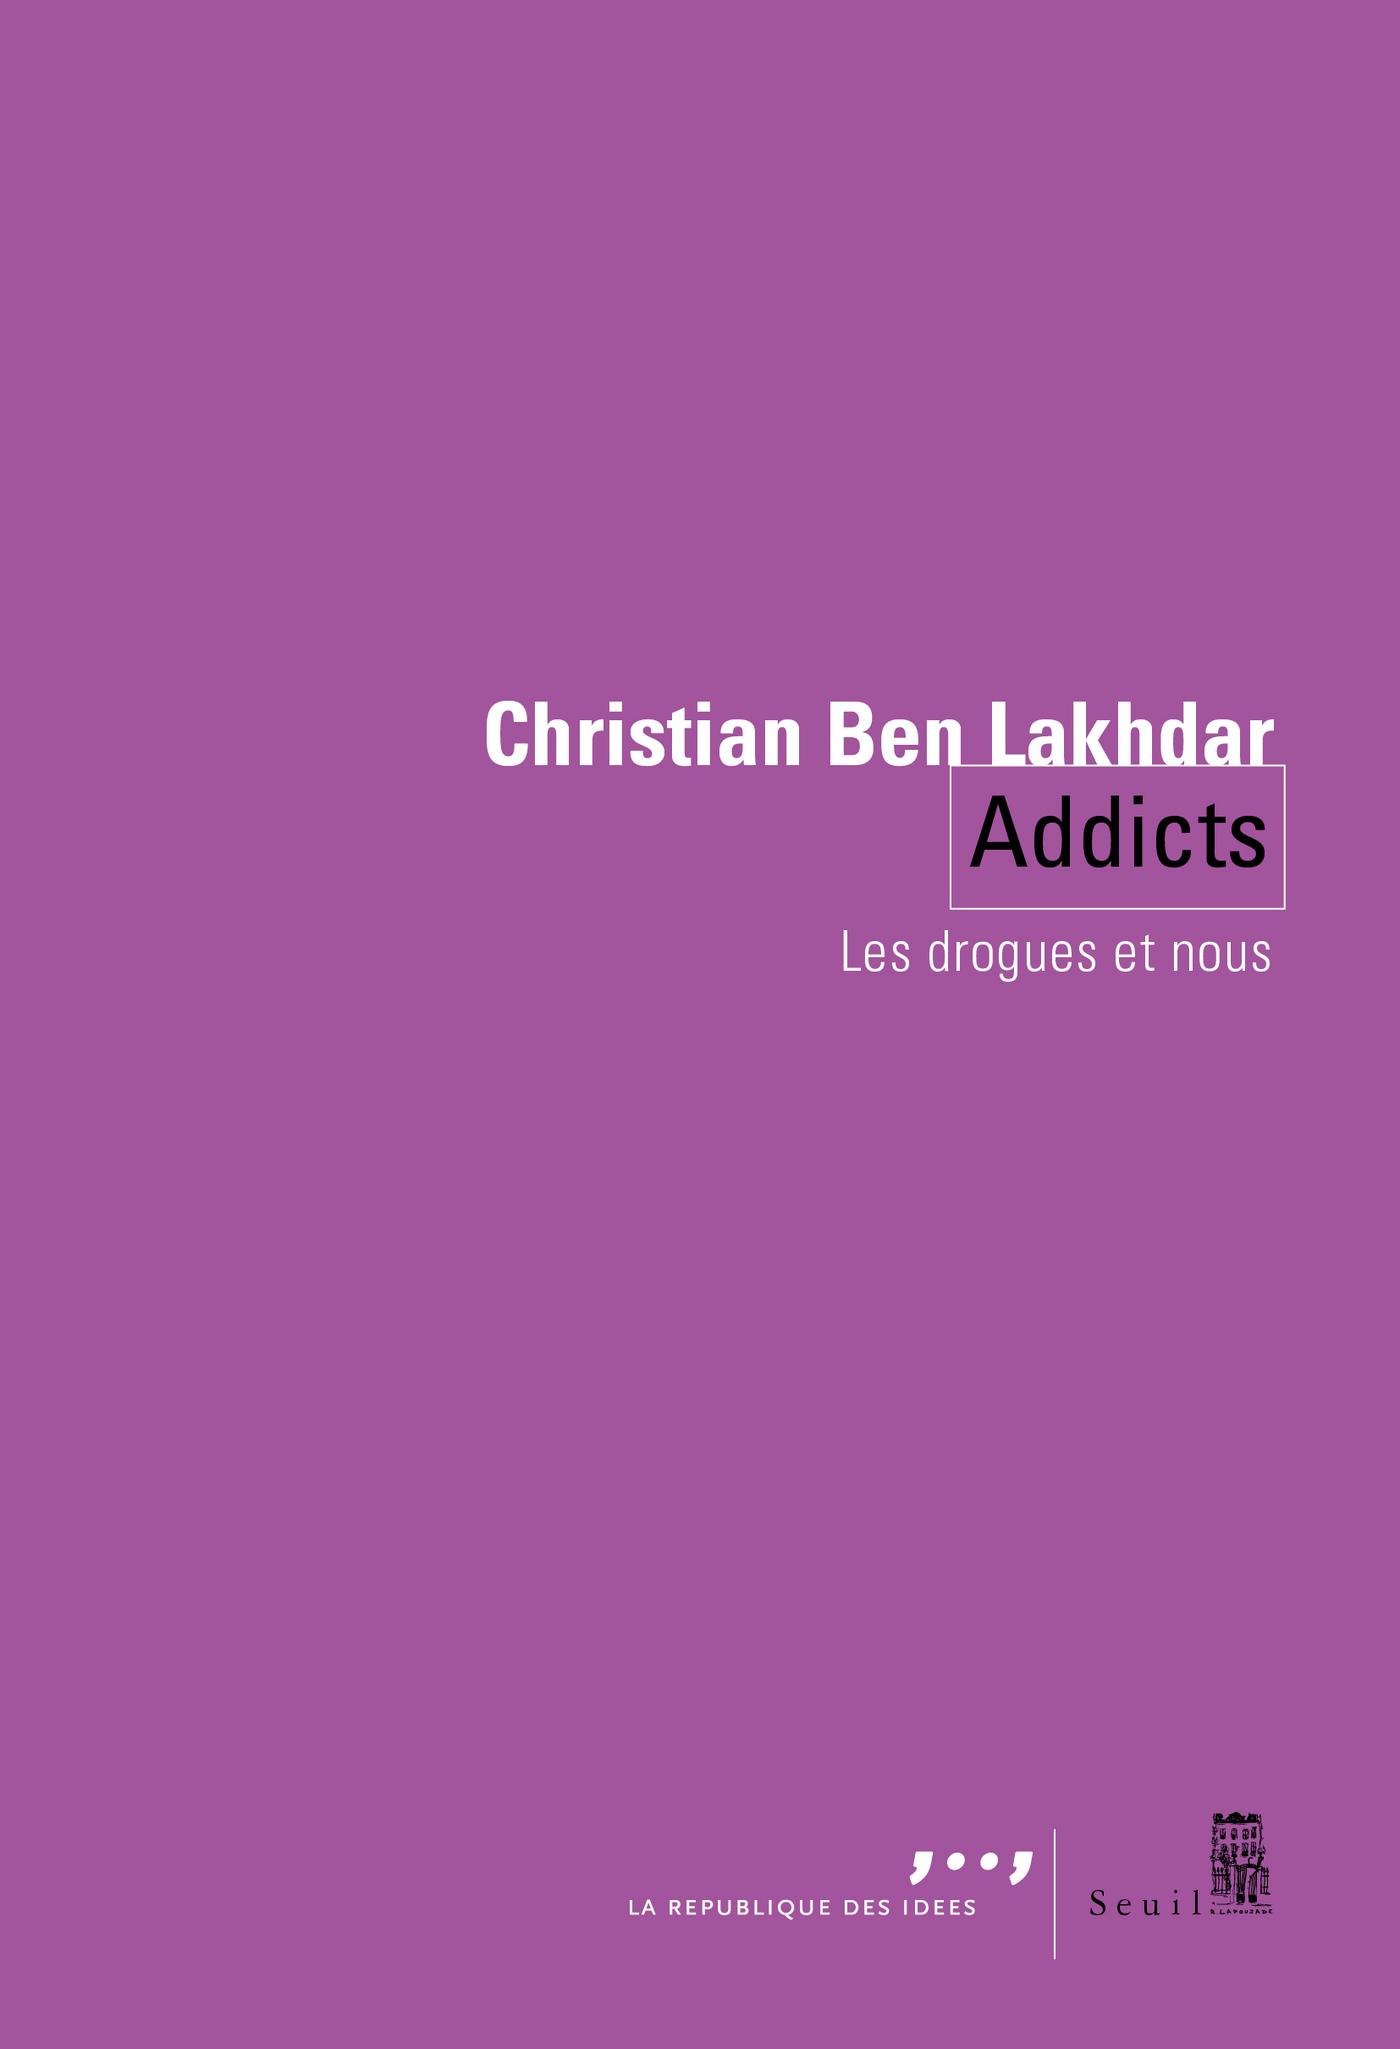 Addicts. Les drogues et nous